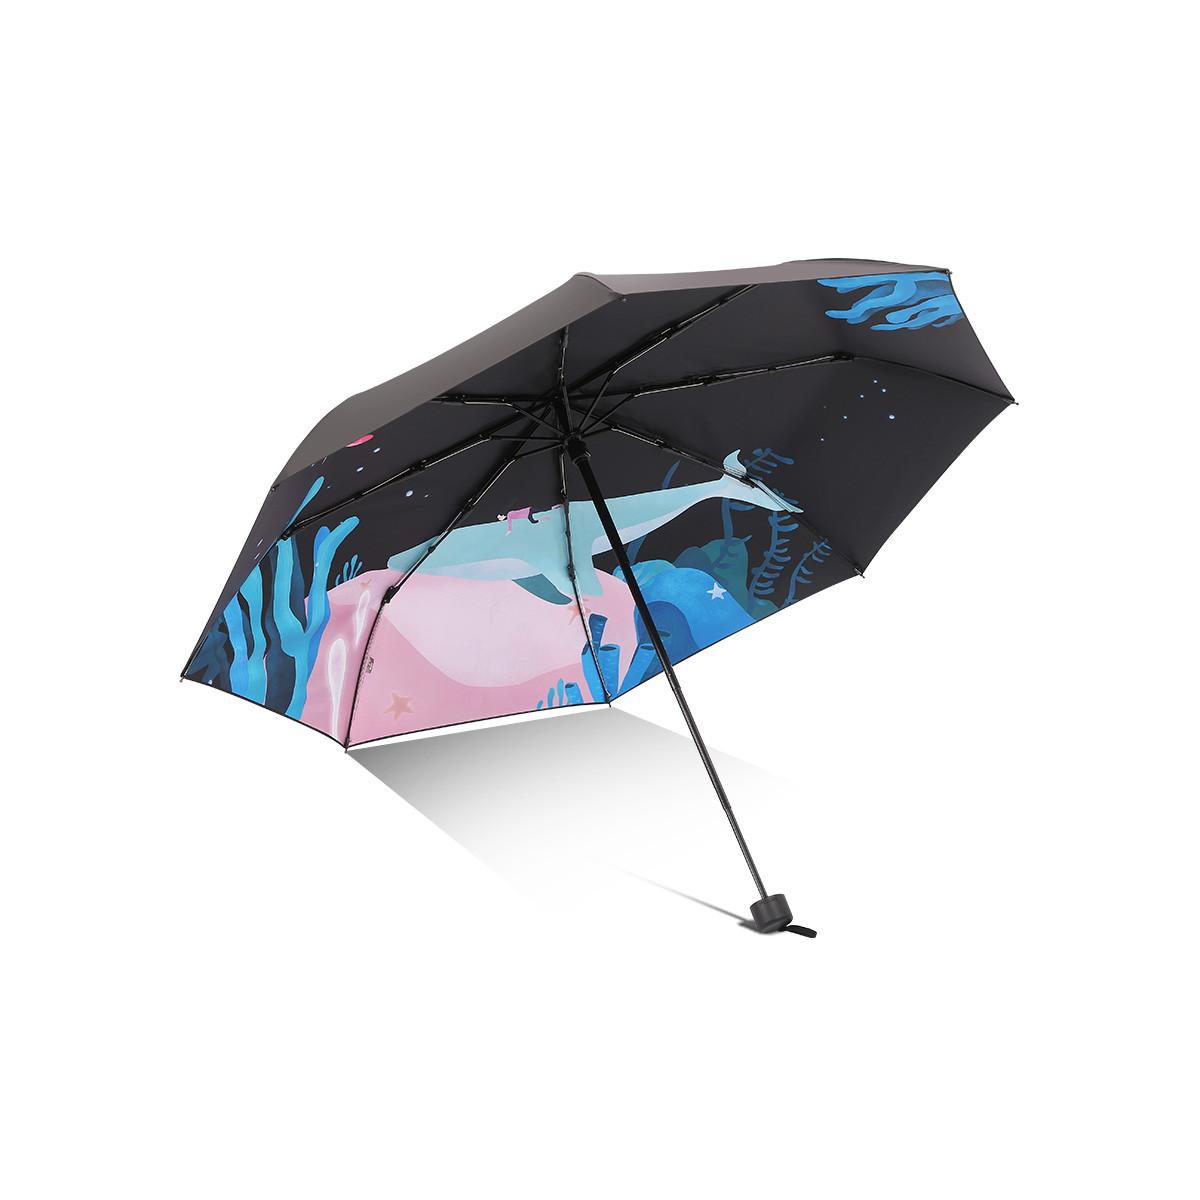 新品创意鲸鱼插画便携黑胶三折防晒遮阳伞防紫外线太阳伞男女可用